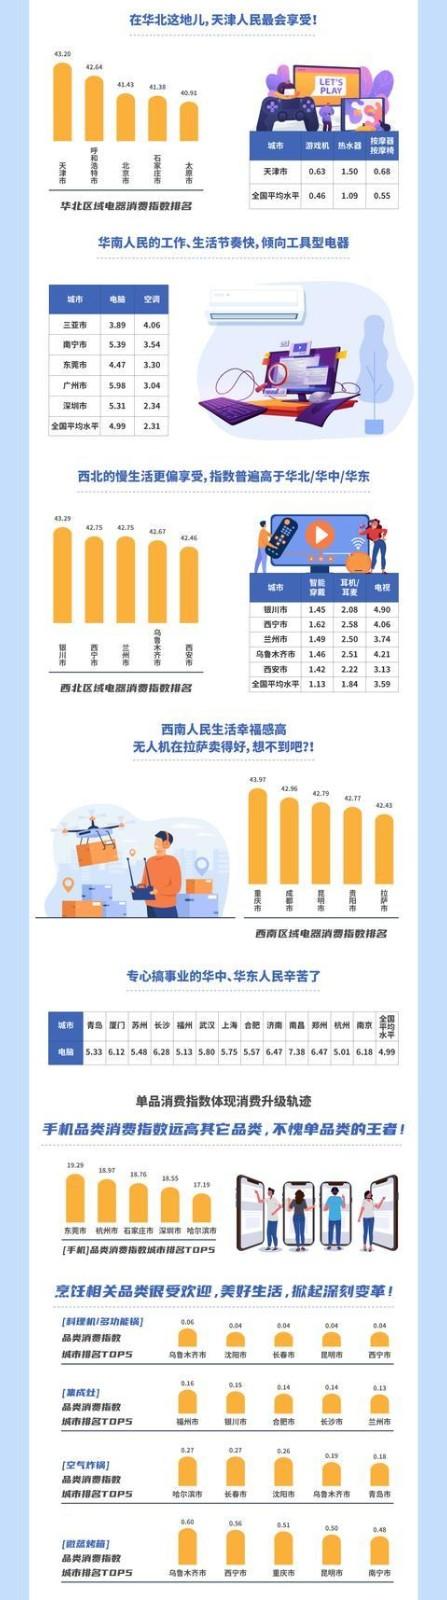 另一个重要的经济参考指标显示,北京人青睐美容仪器